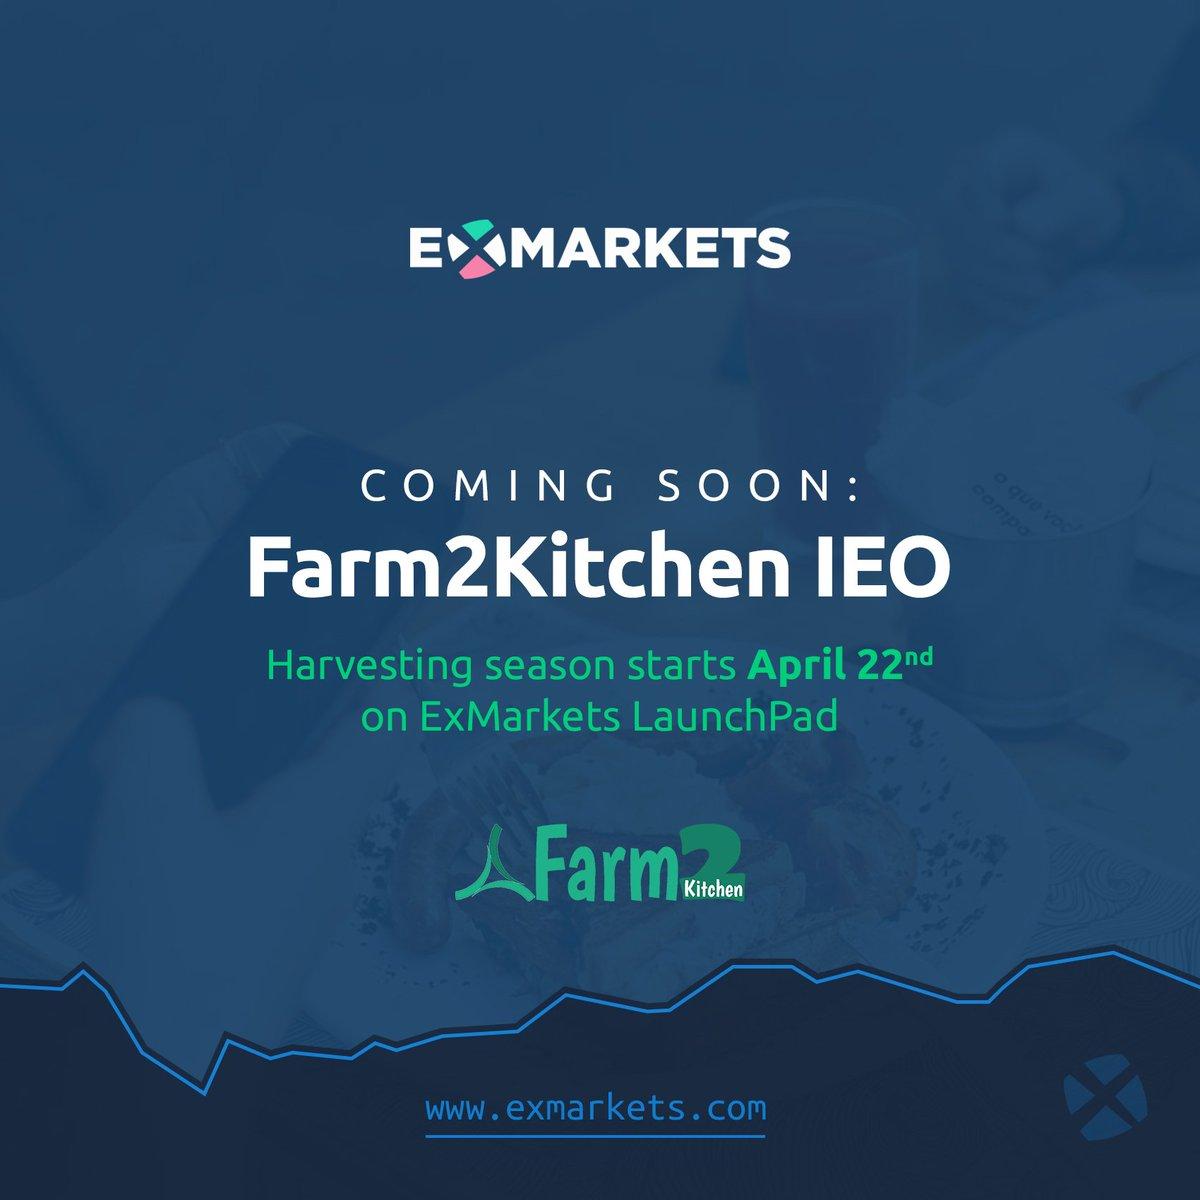 Farm2Kitchen on Twitter: